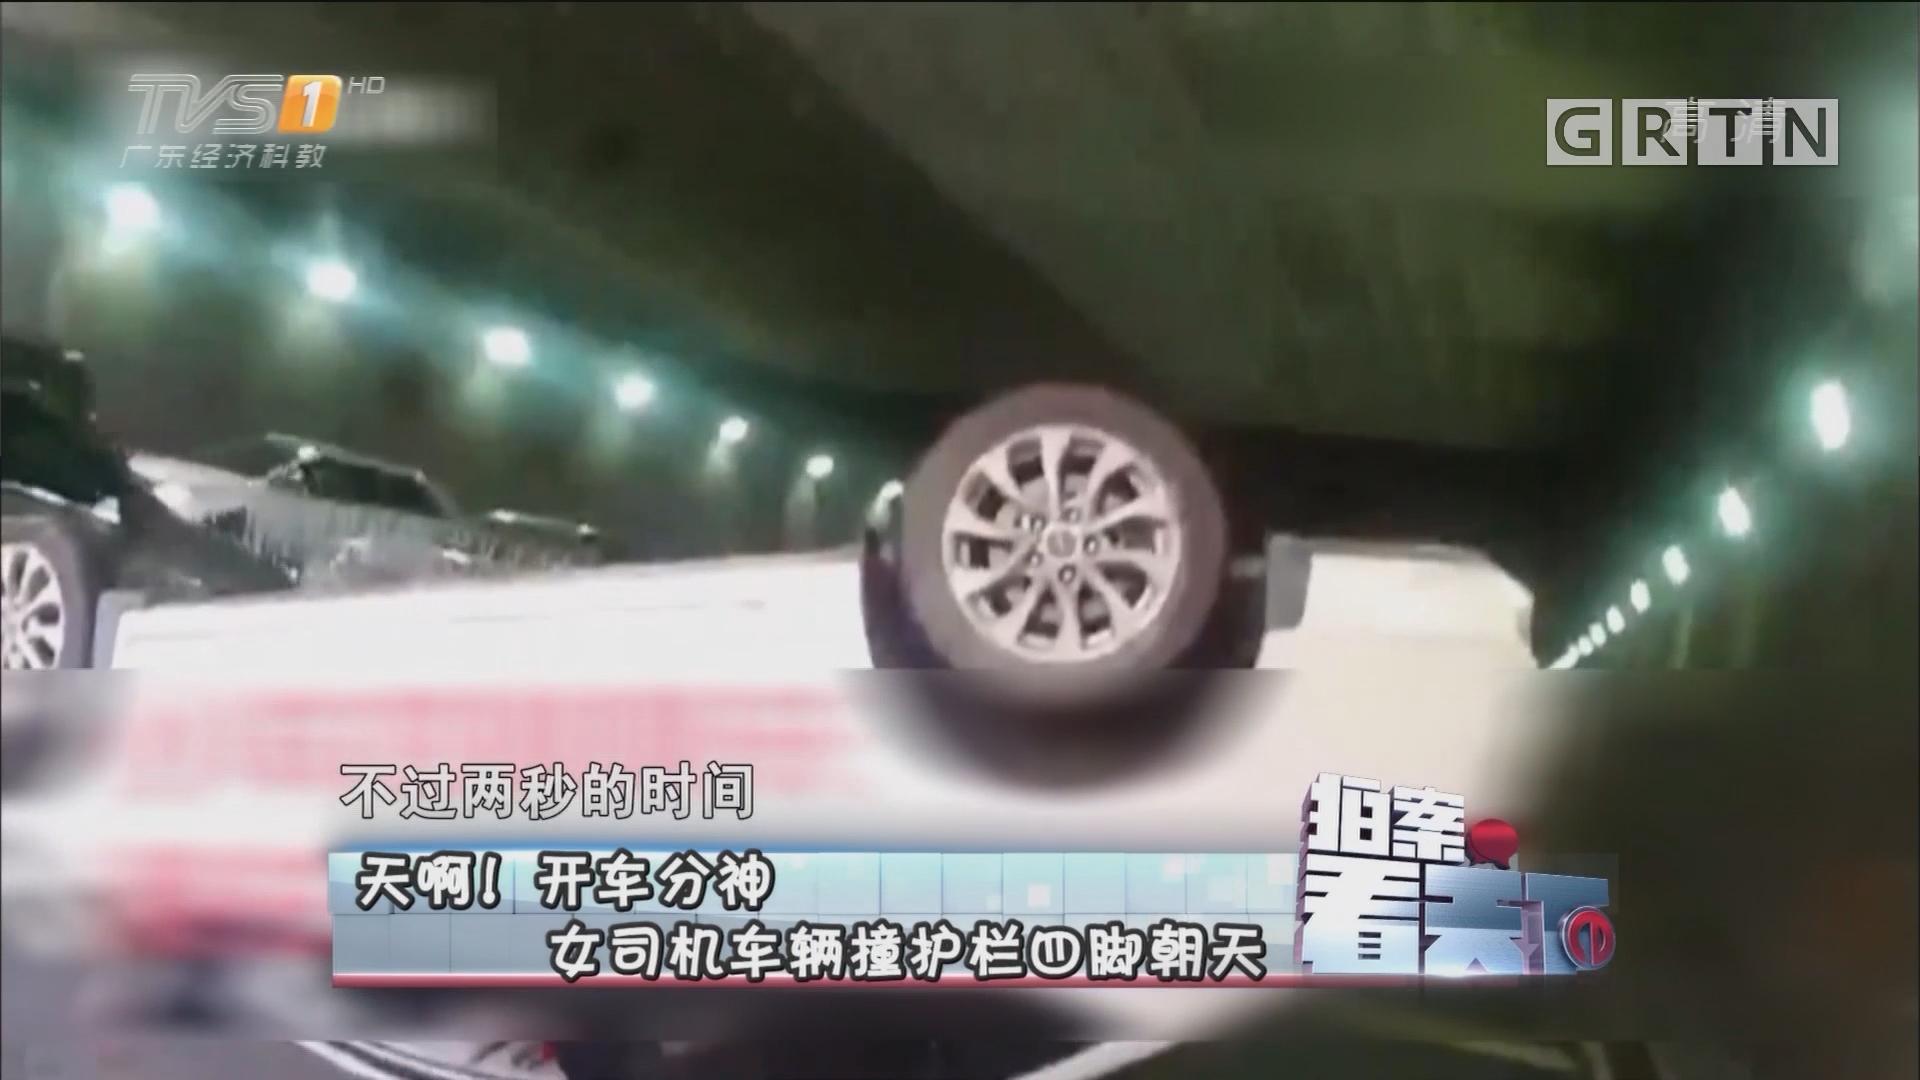 [HD][2017-12-01]拍案看天下:天啊!开车分神 女司机车辆撞护栏四脚朝天